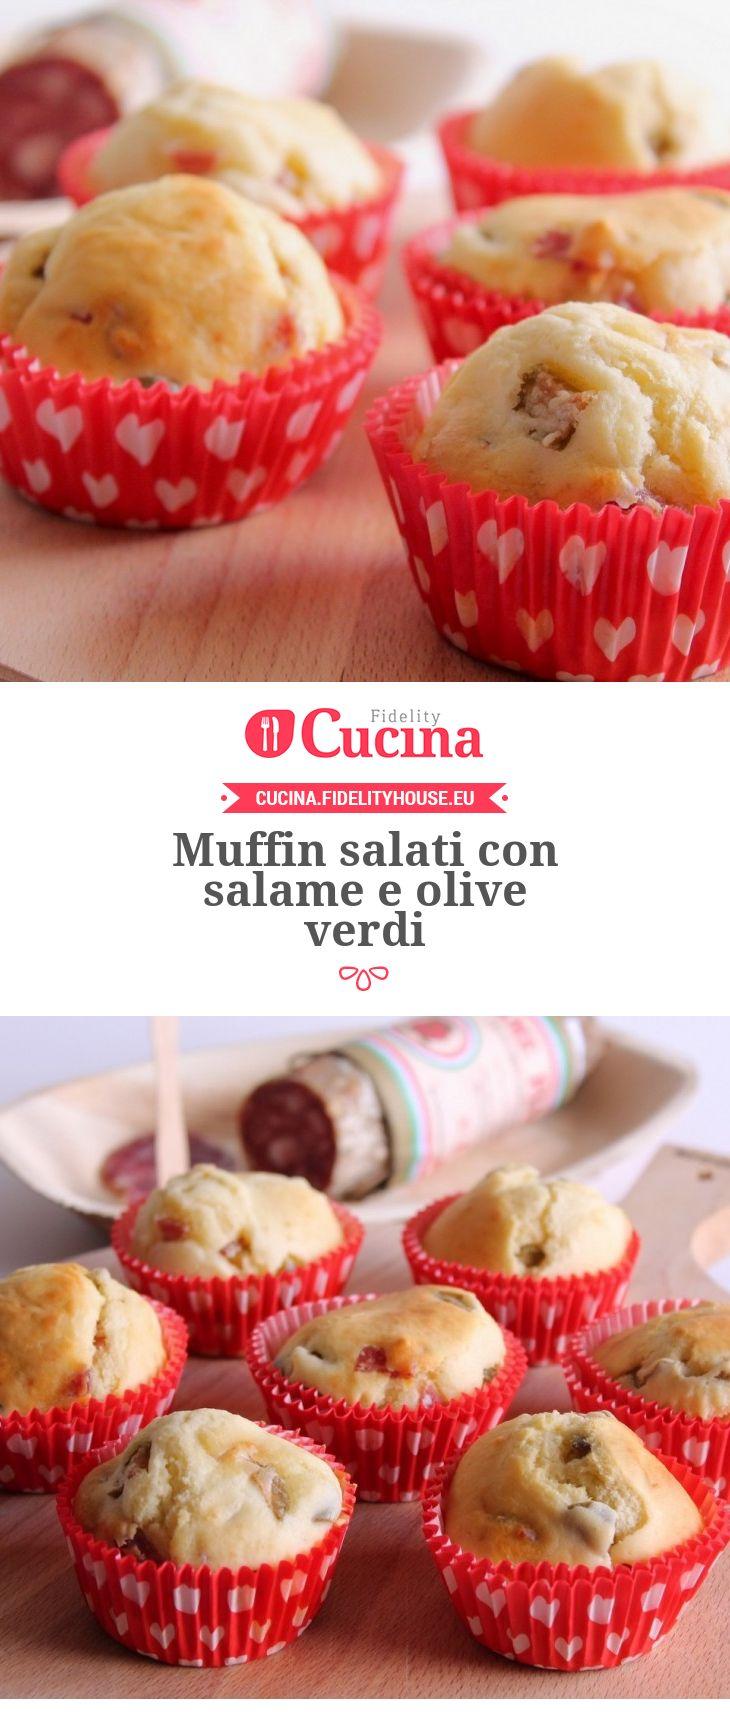 Muffin salati con salame e olive verdi